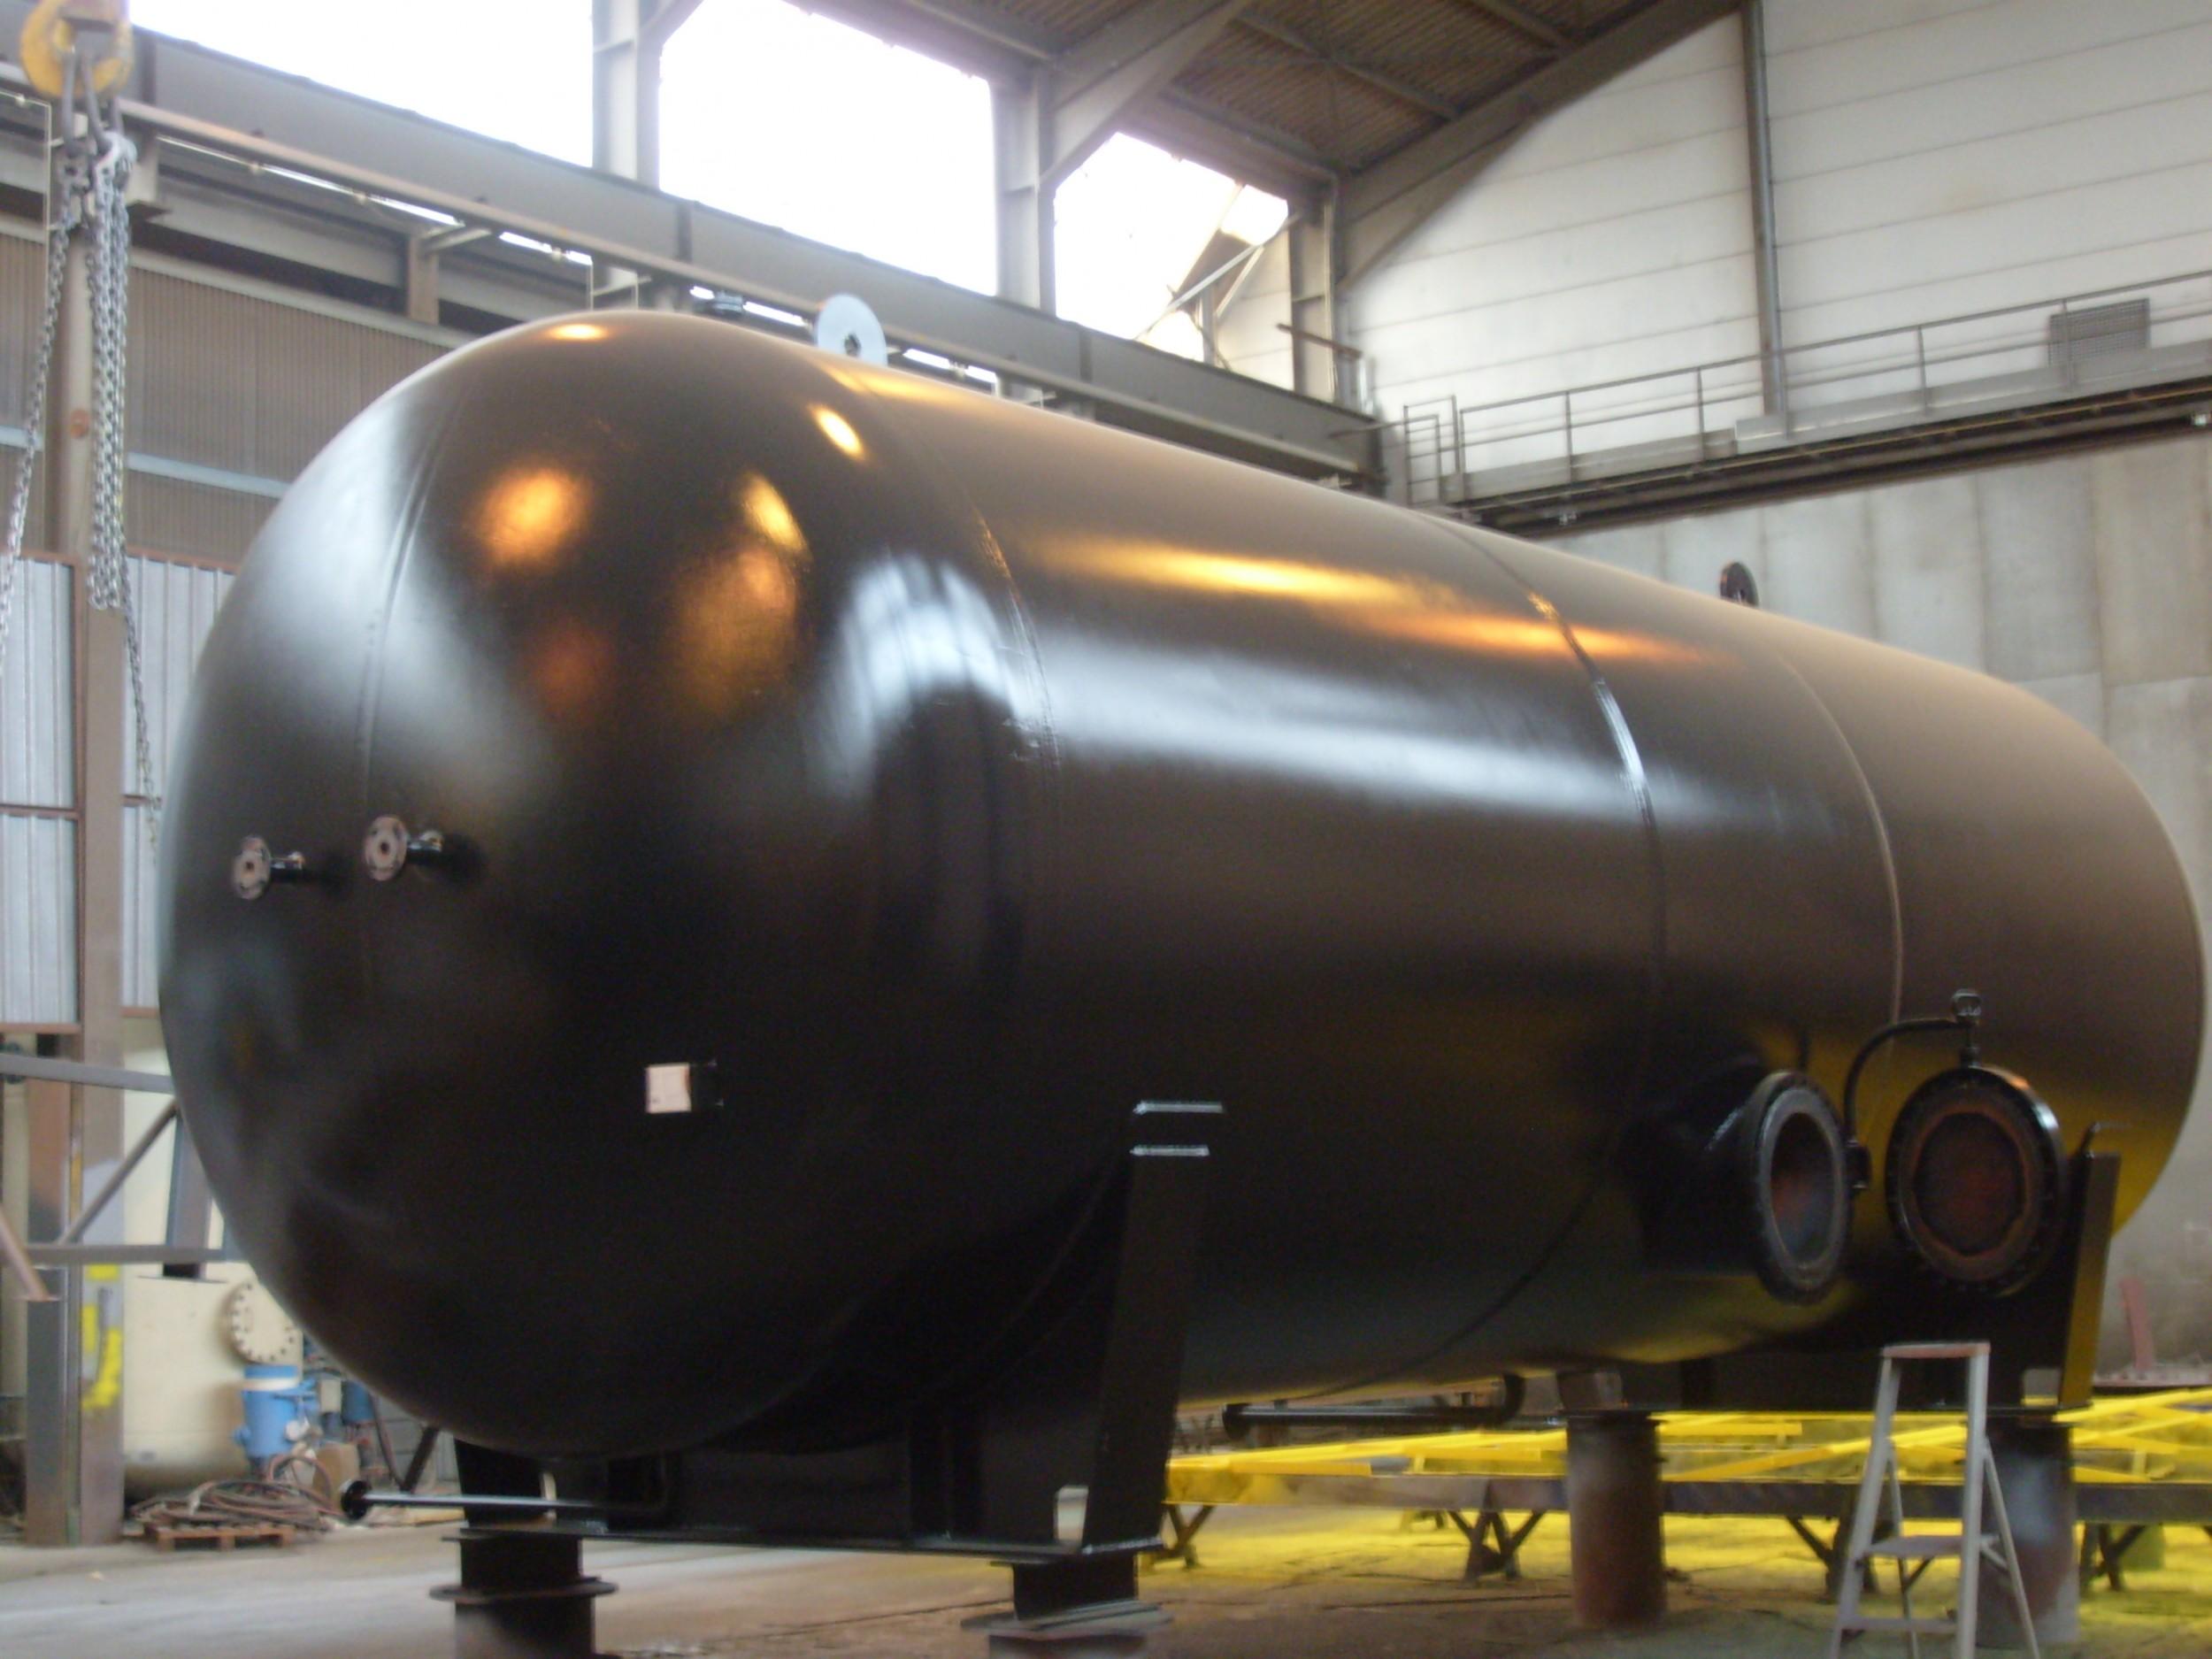 Druckbehälter Stickstoff / High pressure vessel for Nitrogen